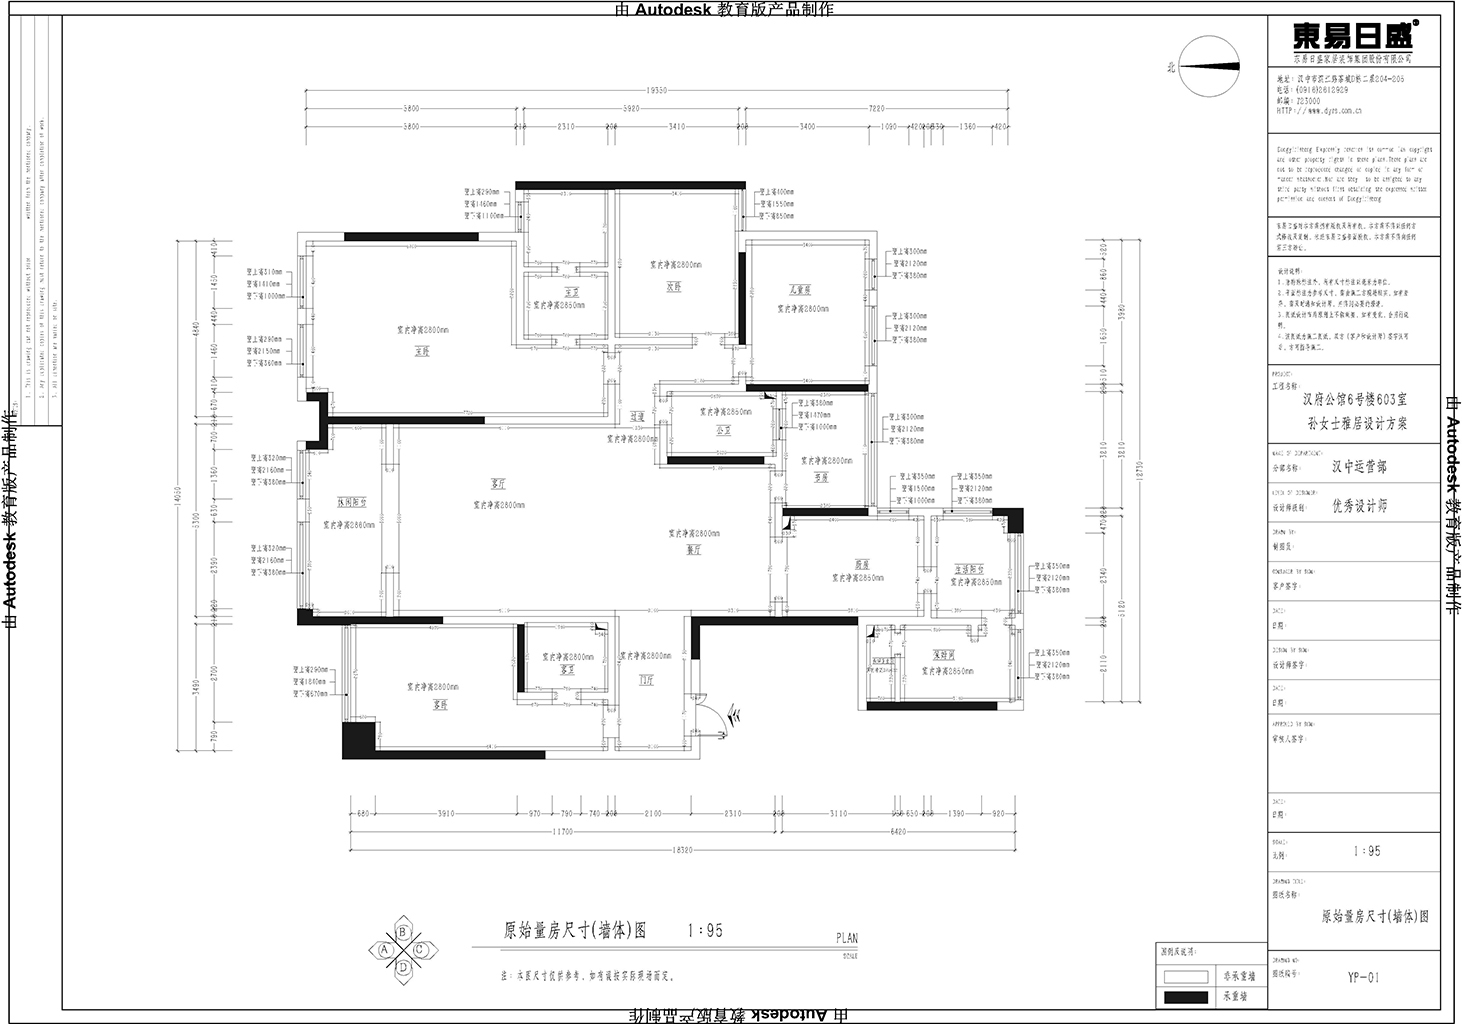 汉府公馆 欧式装修效果图 六室三厅 240平米装修设计理念